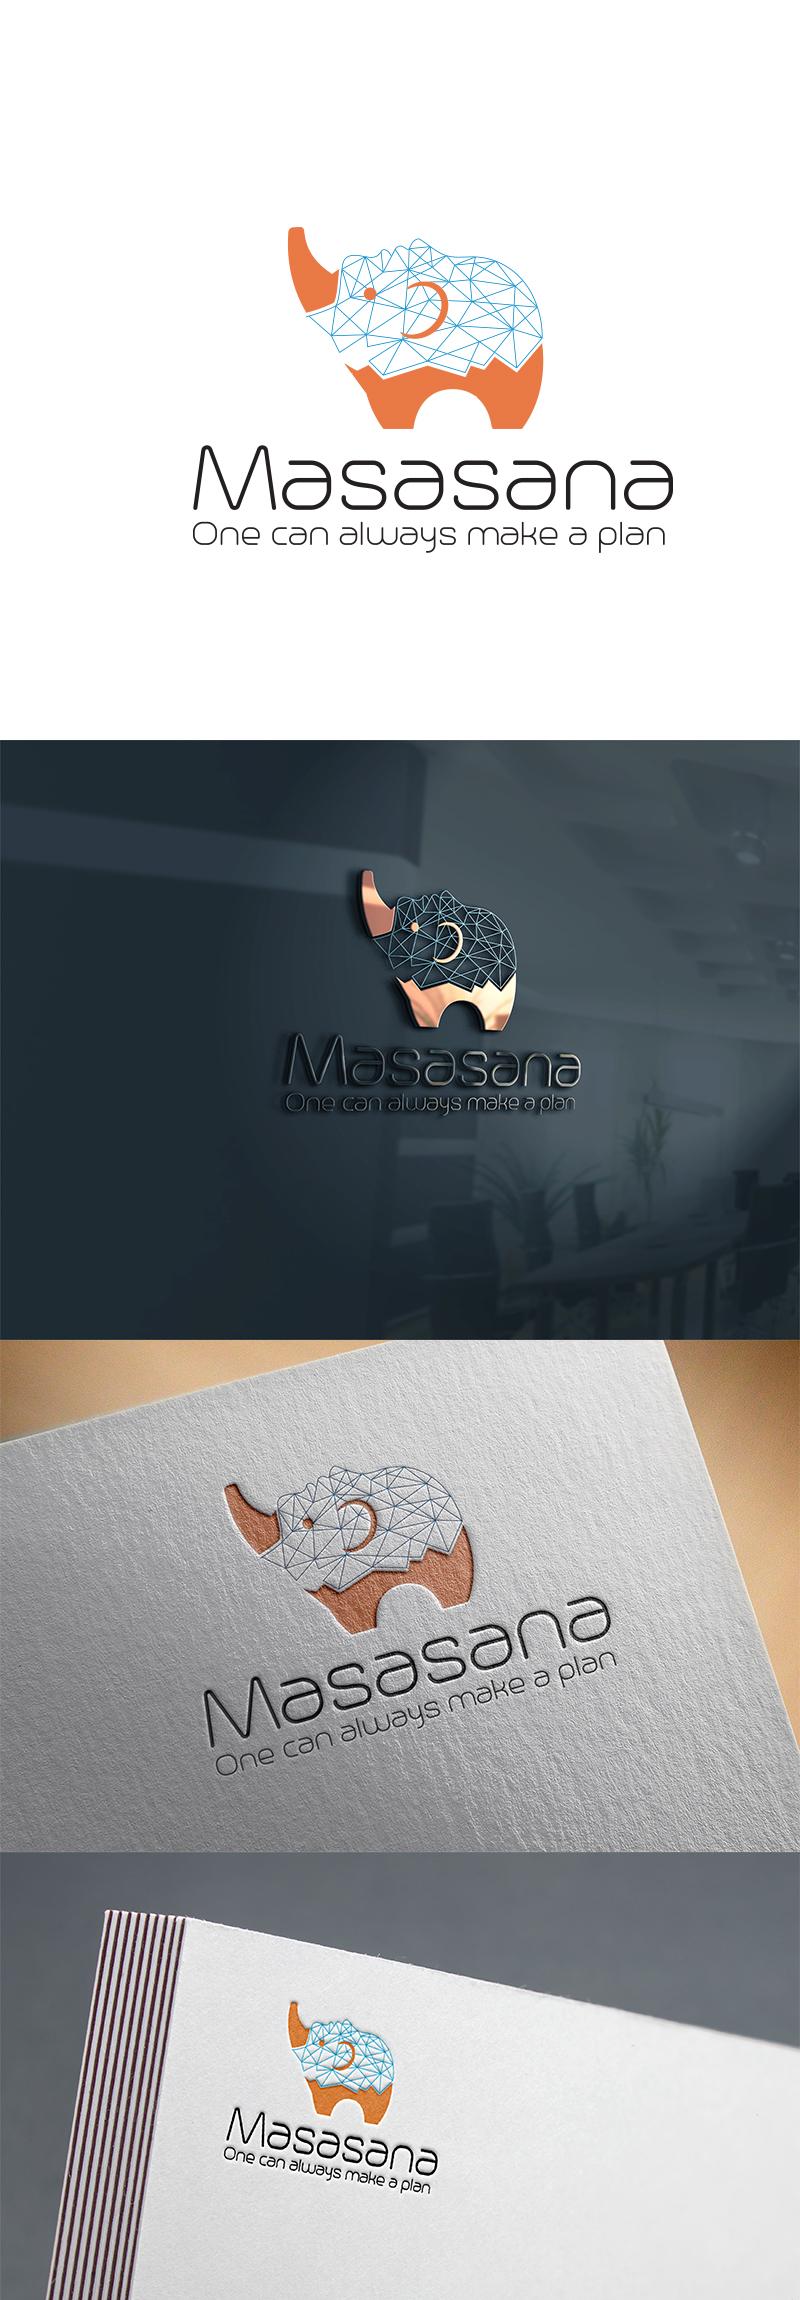 design #75 of YMIdesign